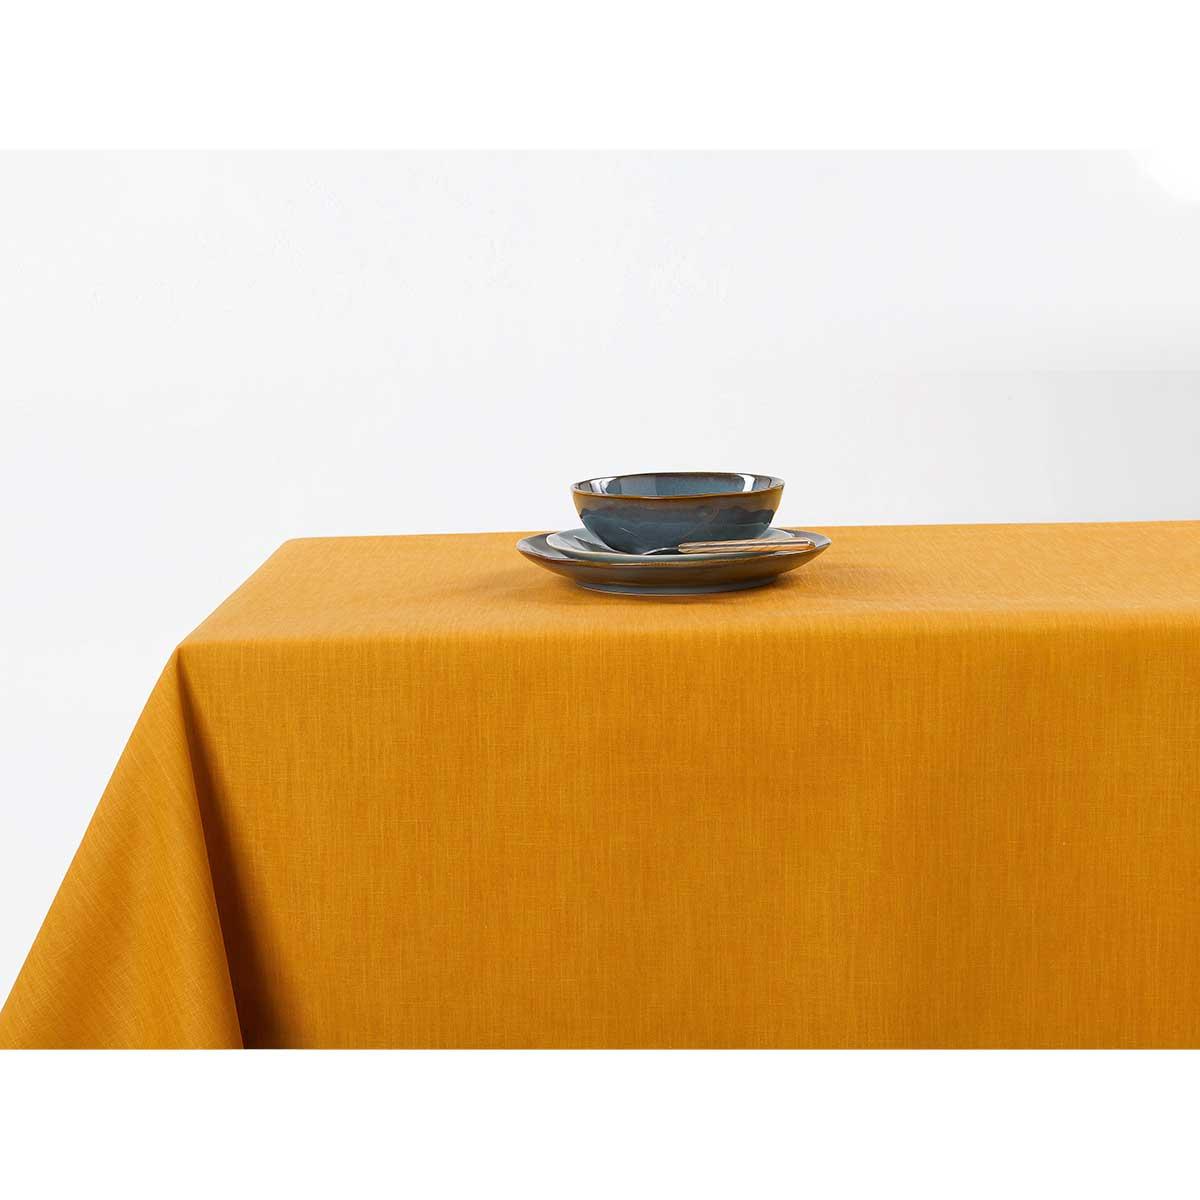 Nappe enduite anti taches aux couleurs acidulées - Jaune - 150 x 200 cm